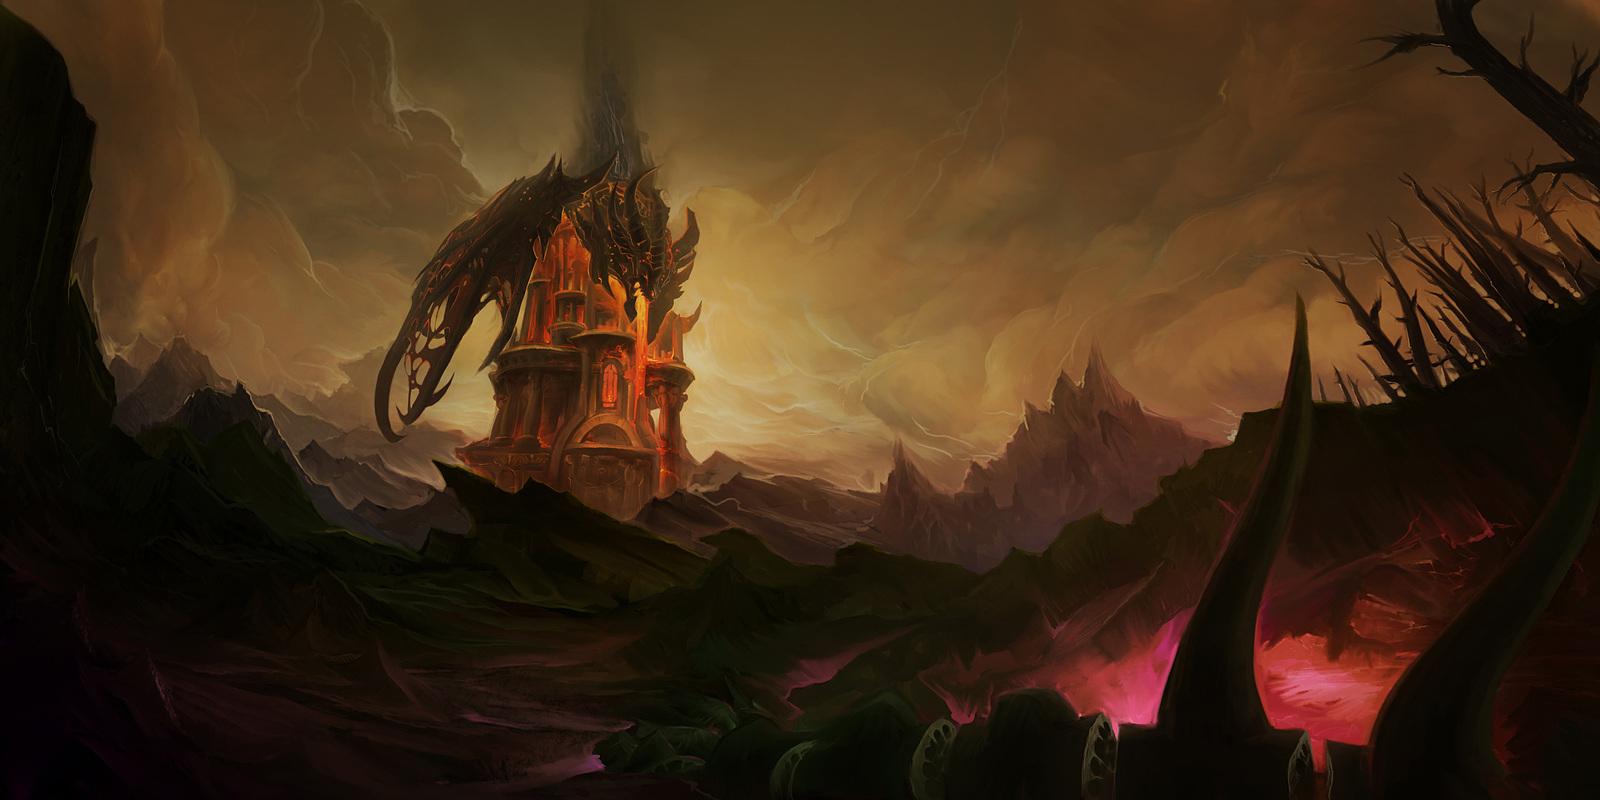 World of Warcraft: Patch 6.2.3 bringt Tapferkeitspunkte, Item-Verbesserungen